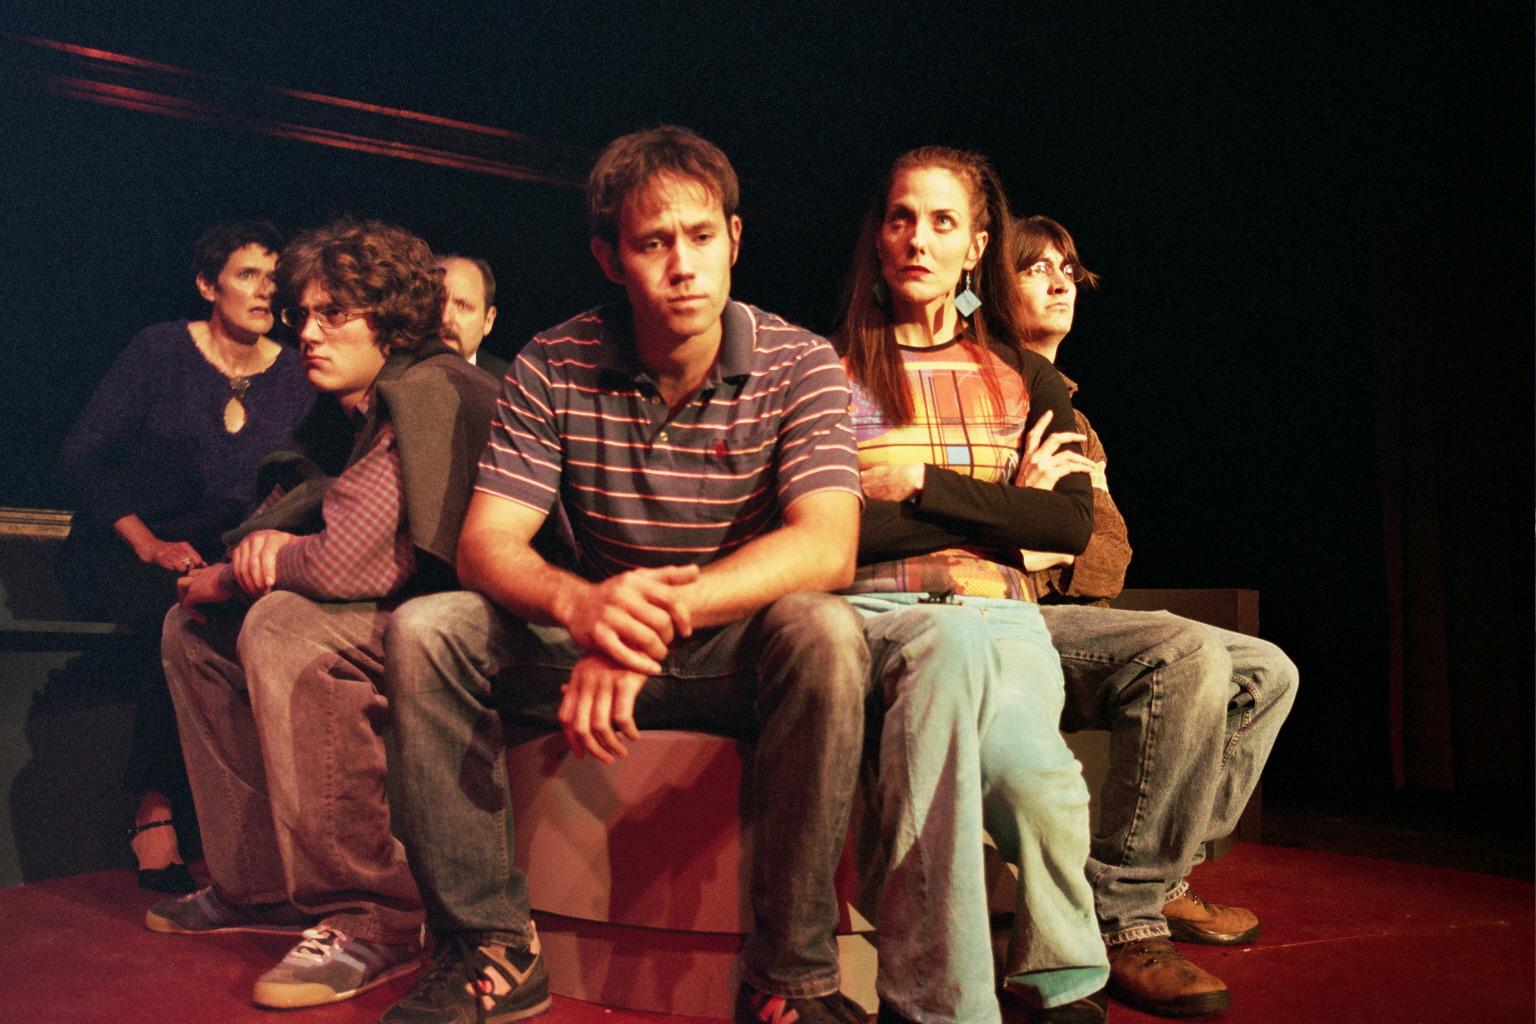 Six degrees of separation, színház előadás; Forrás: laurajanecoles